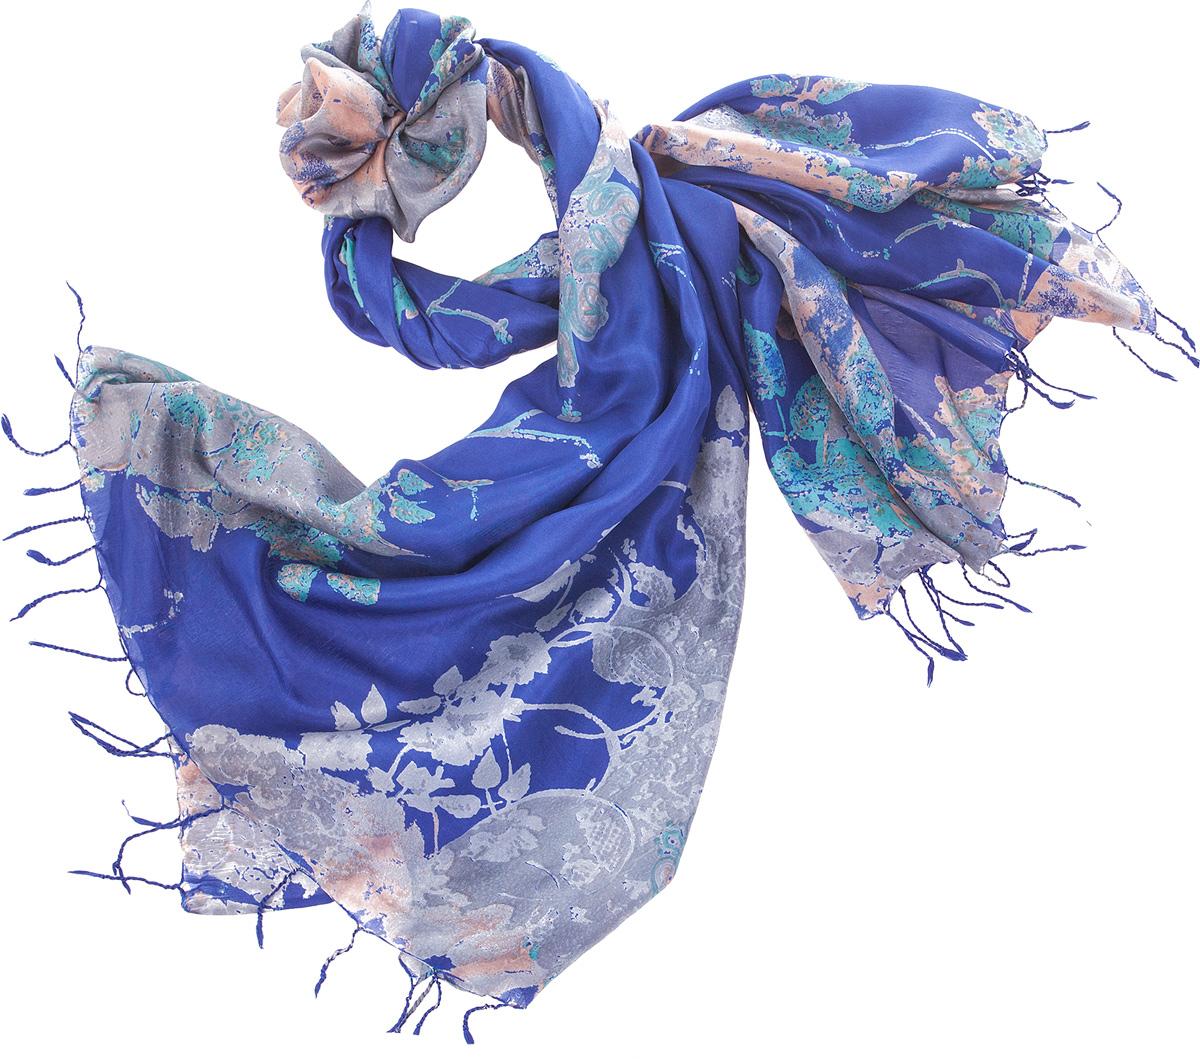 ПалантинS30-JEWEL.FLOWER/NAVYНарочито рыхлое плетение Plain тончайшей шелковой нитью Mulberry, нежная полупрозрачная ткань Chiffon. Вес изделия 60г (30 г/м2).